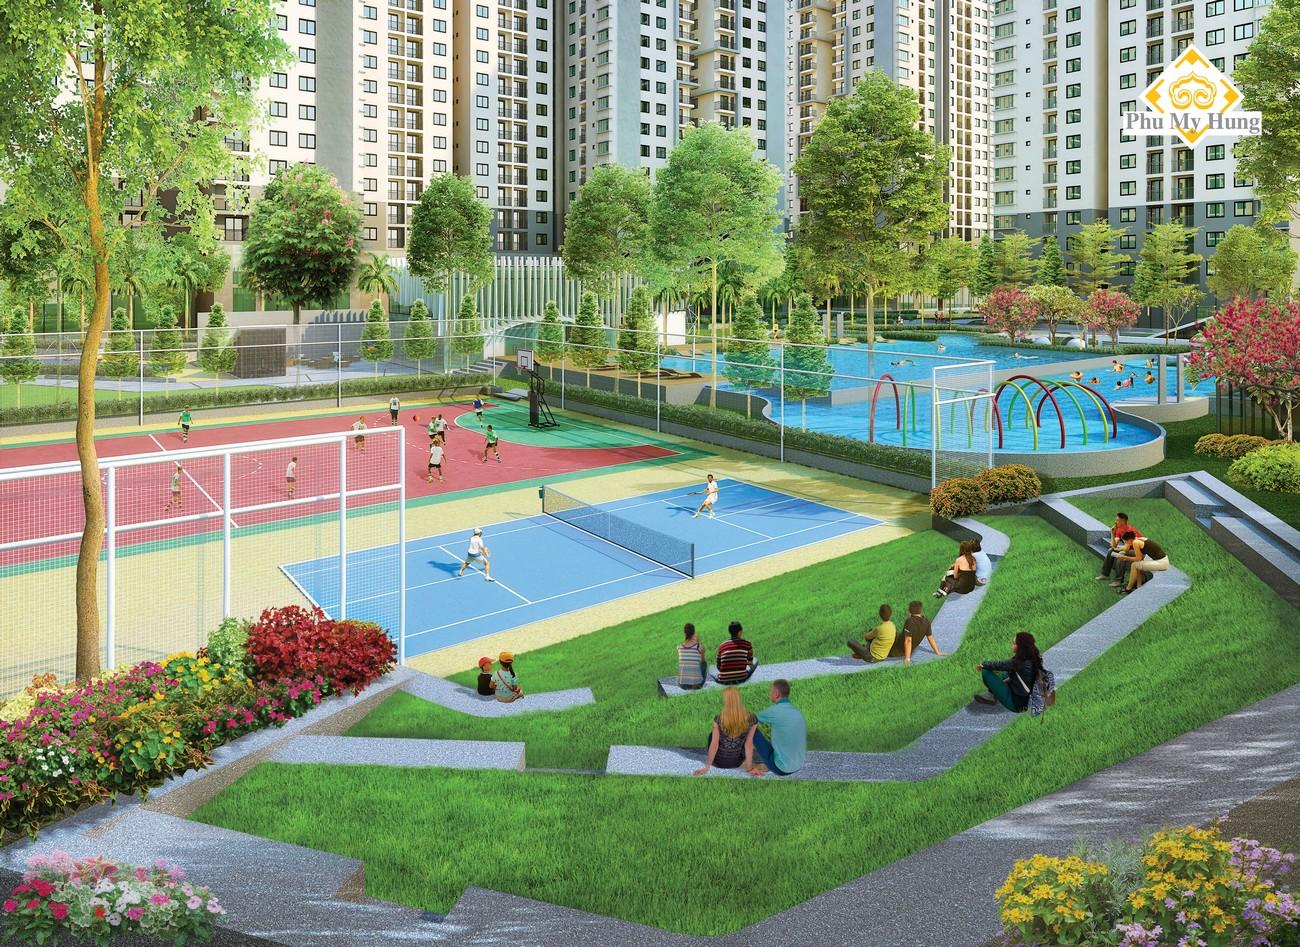 Sân thể thao đa năng hiện đại phục vụ nhu cầu rèn luyện sức khỏe, giải trí cho cư dân